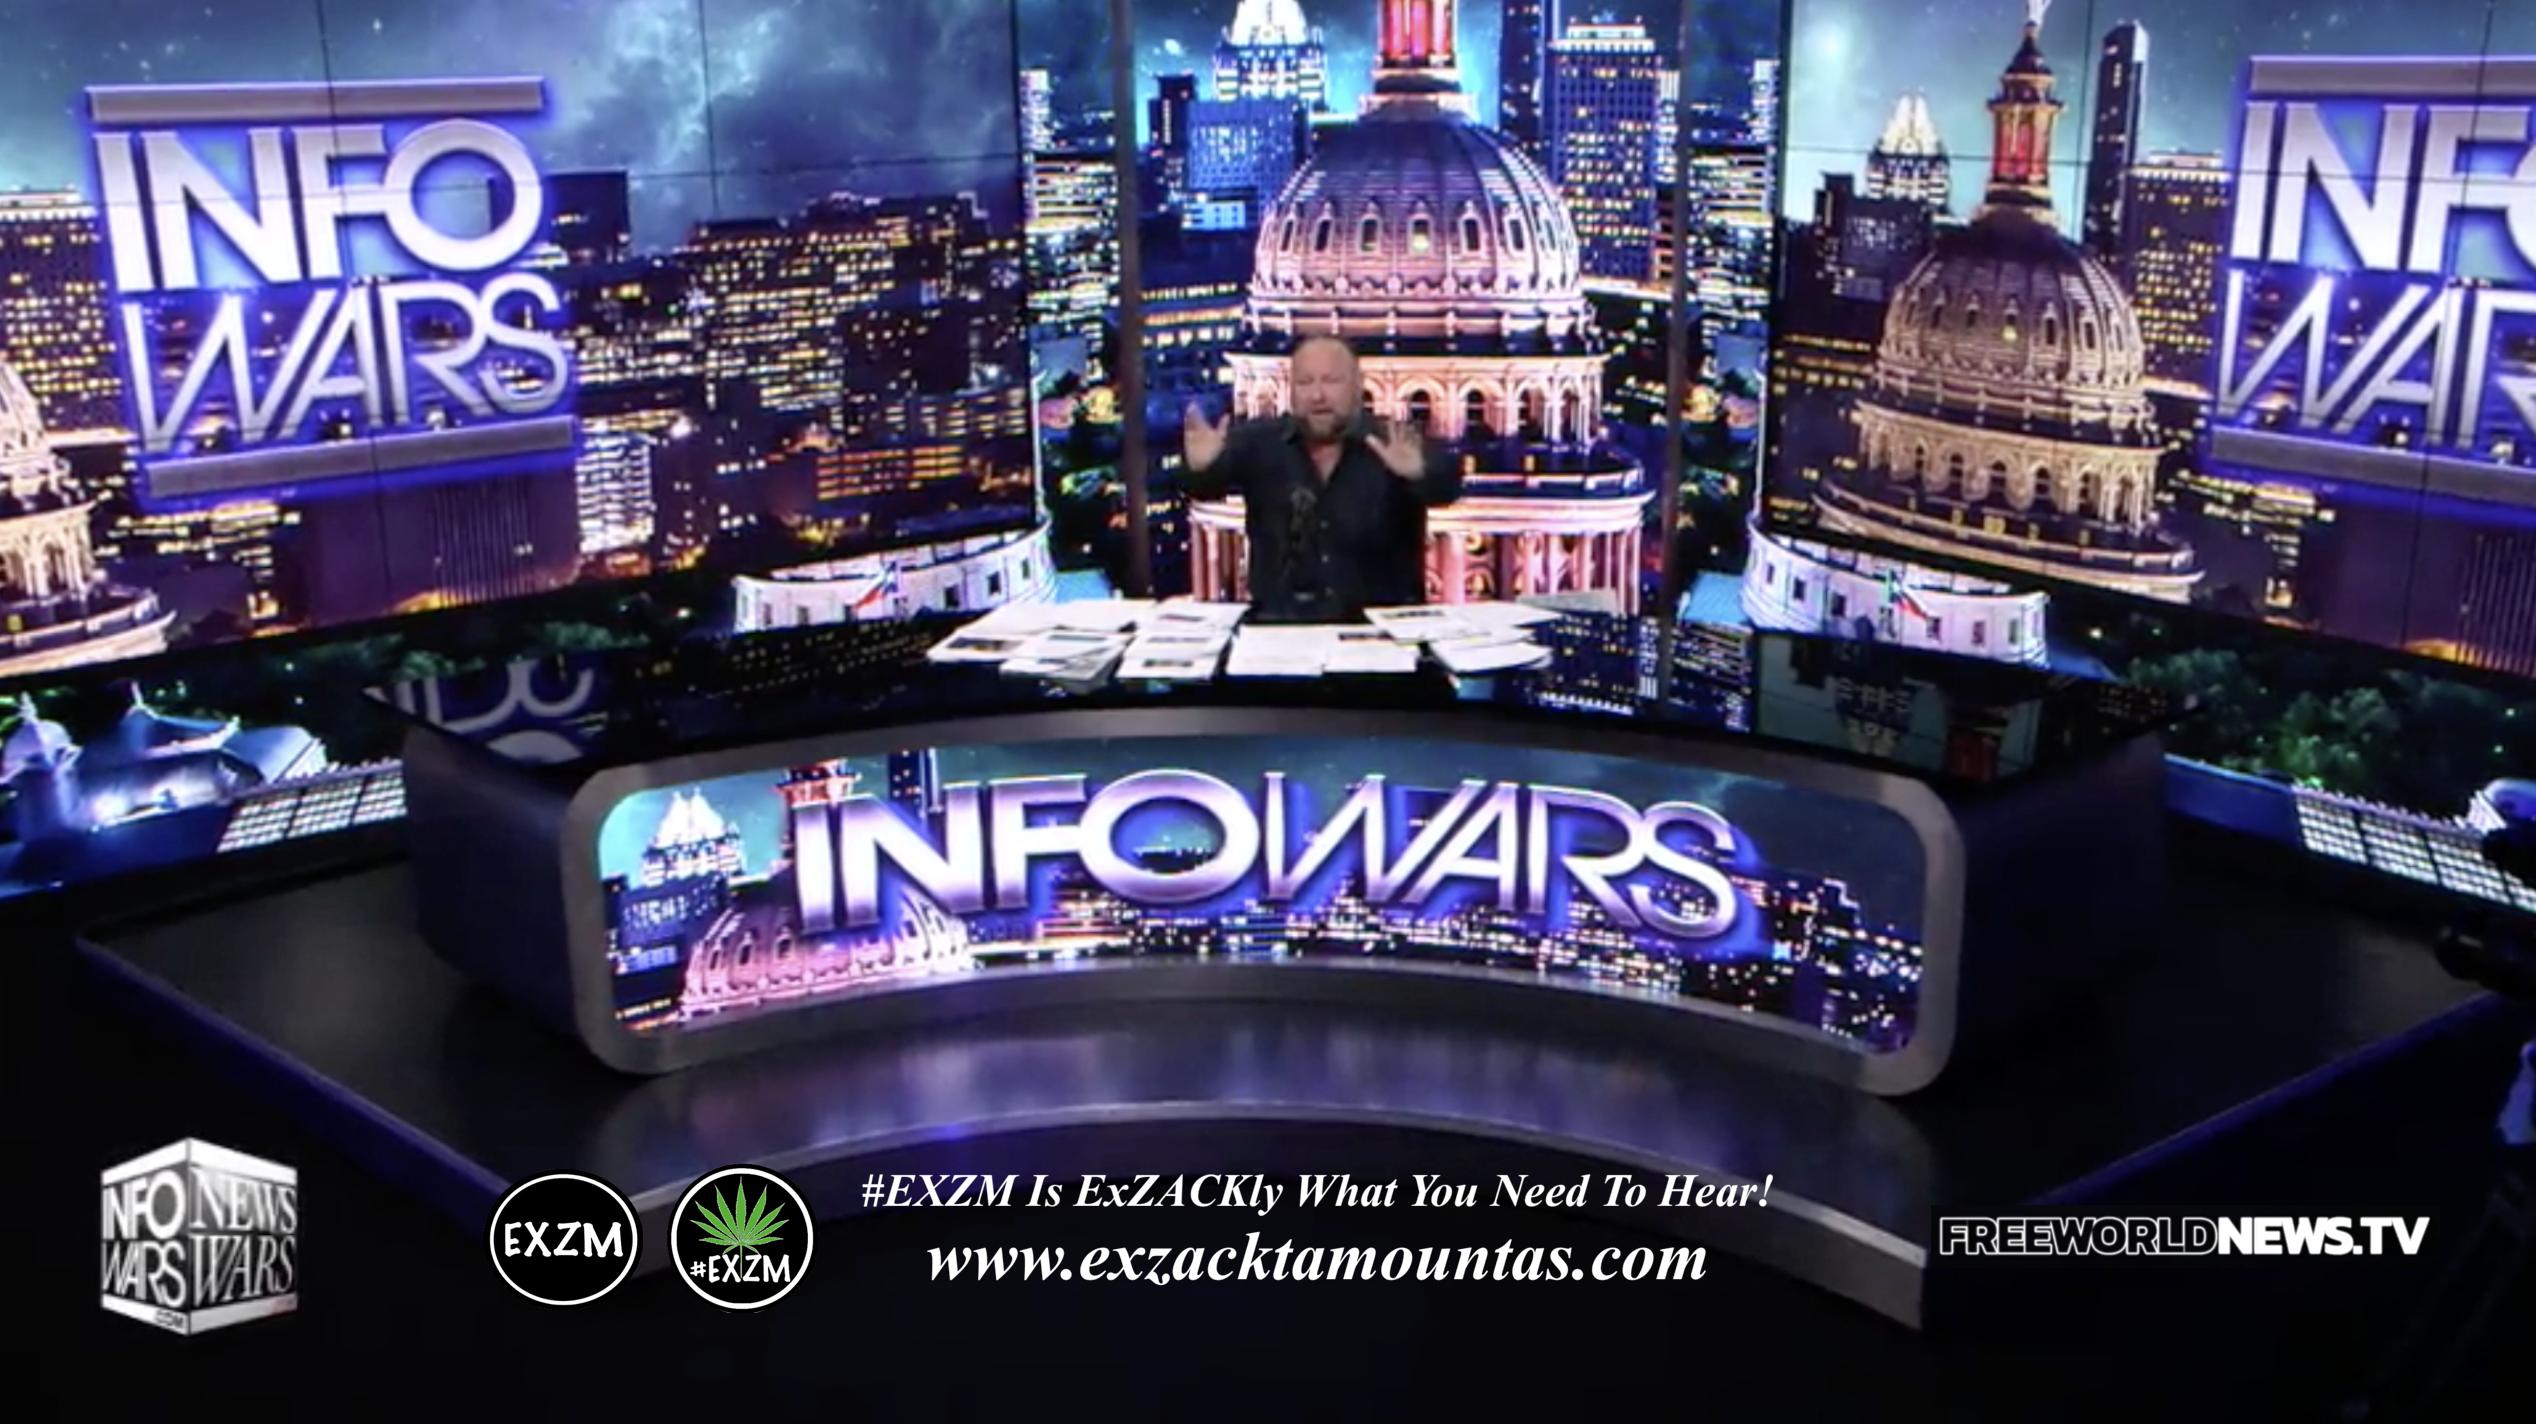 Alex Jones Live In Infowars Studio EXZM Zack Mount June 16th 2021 copy